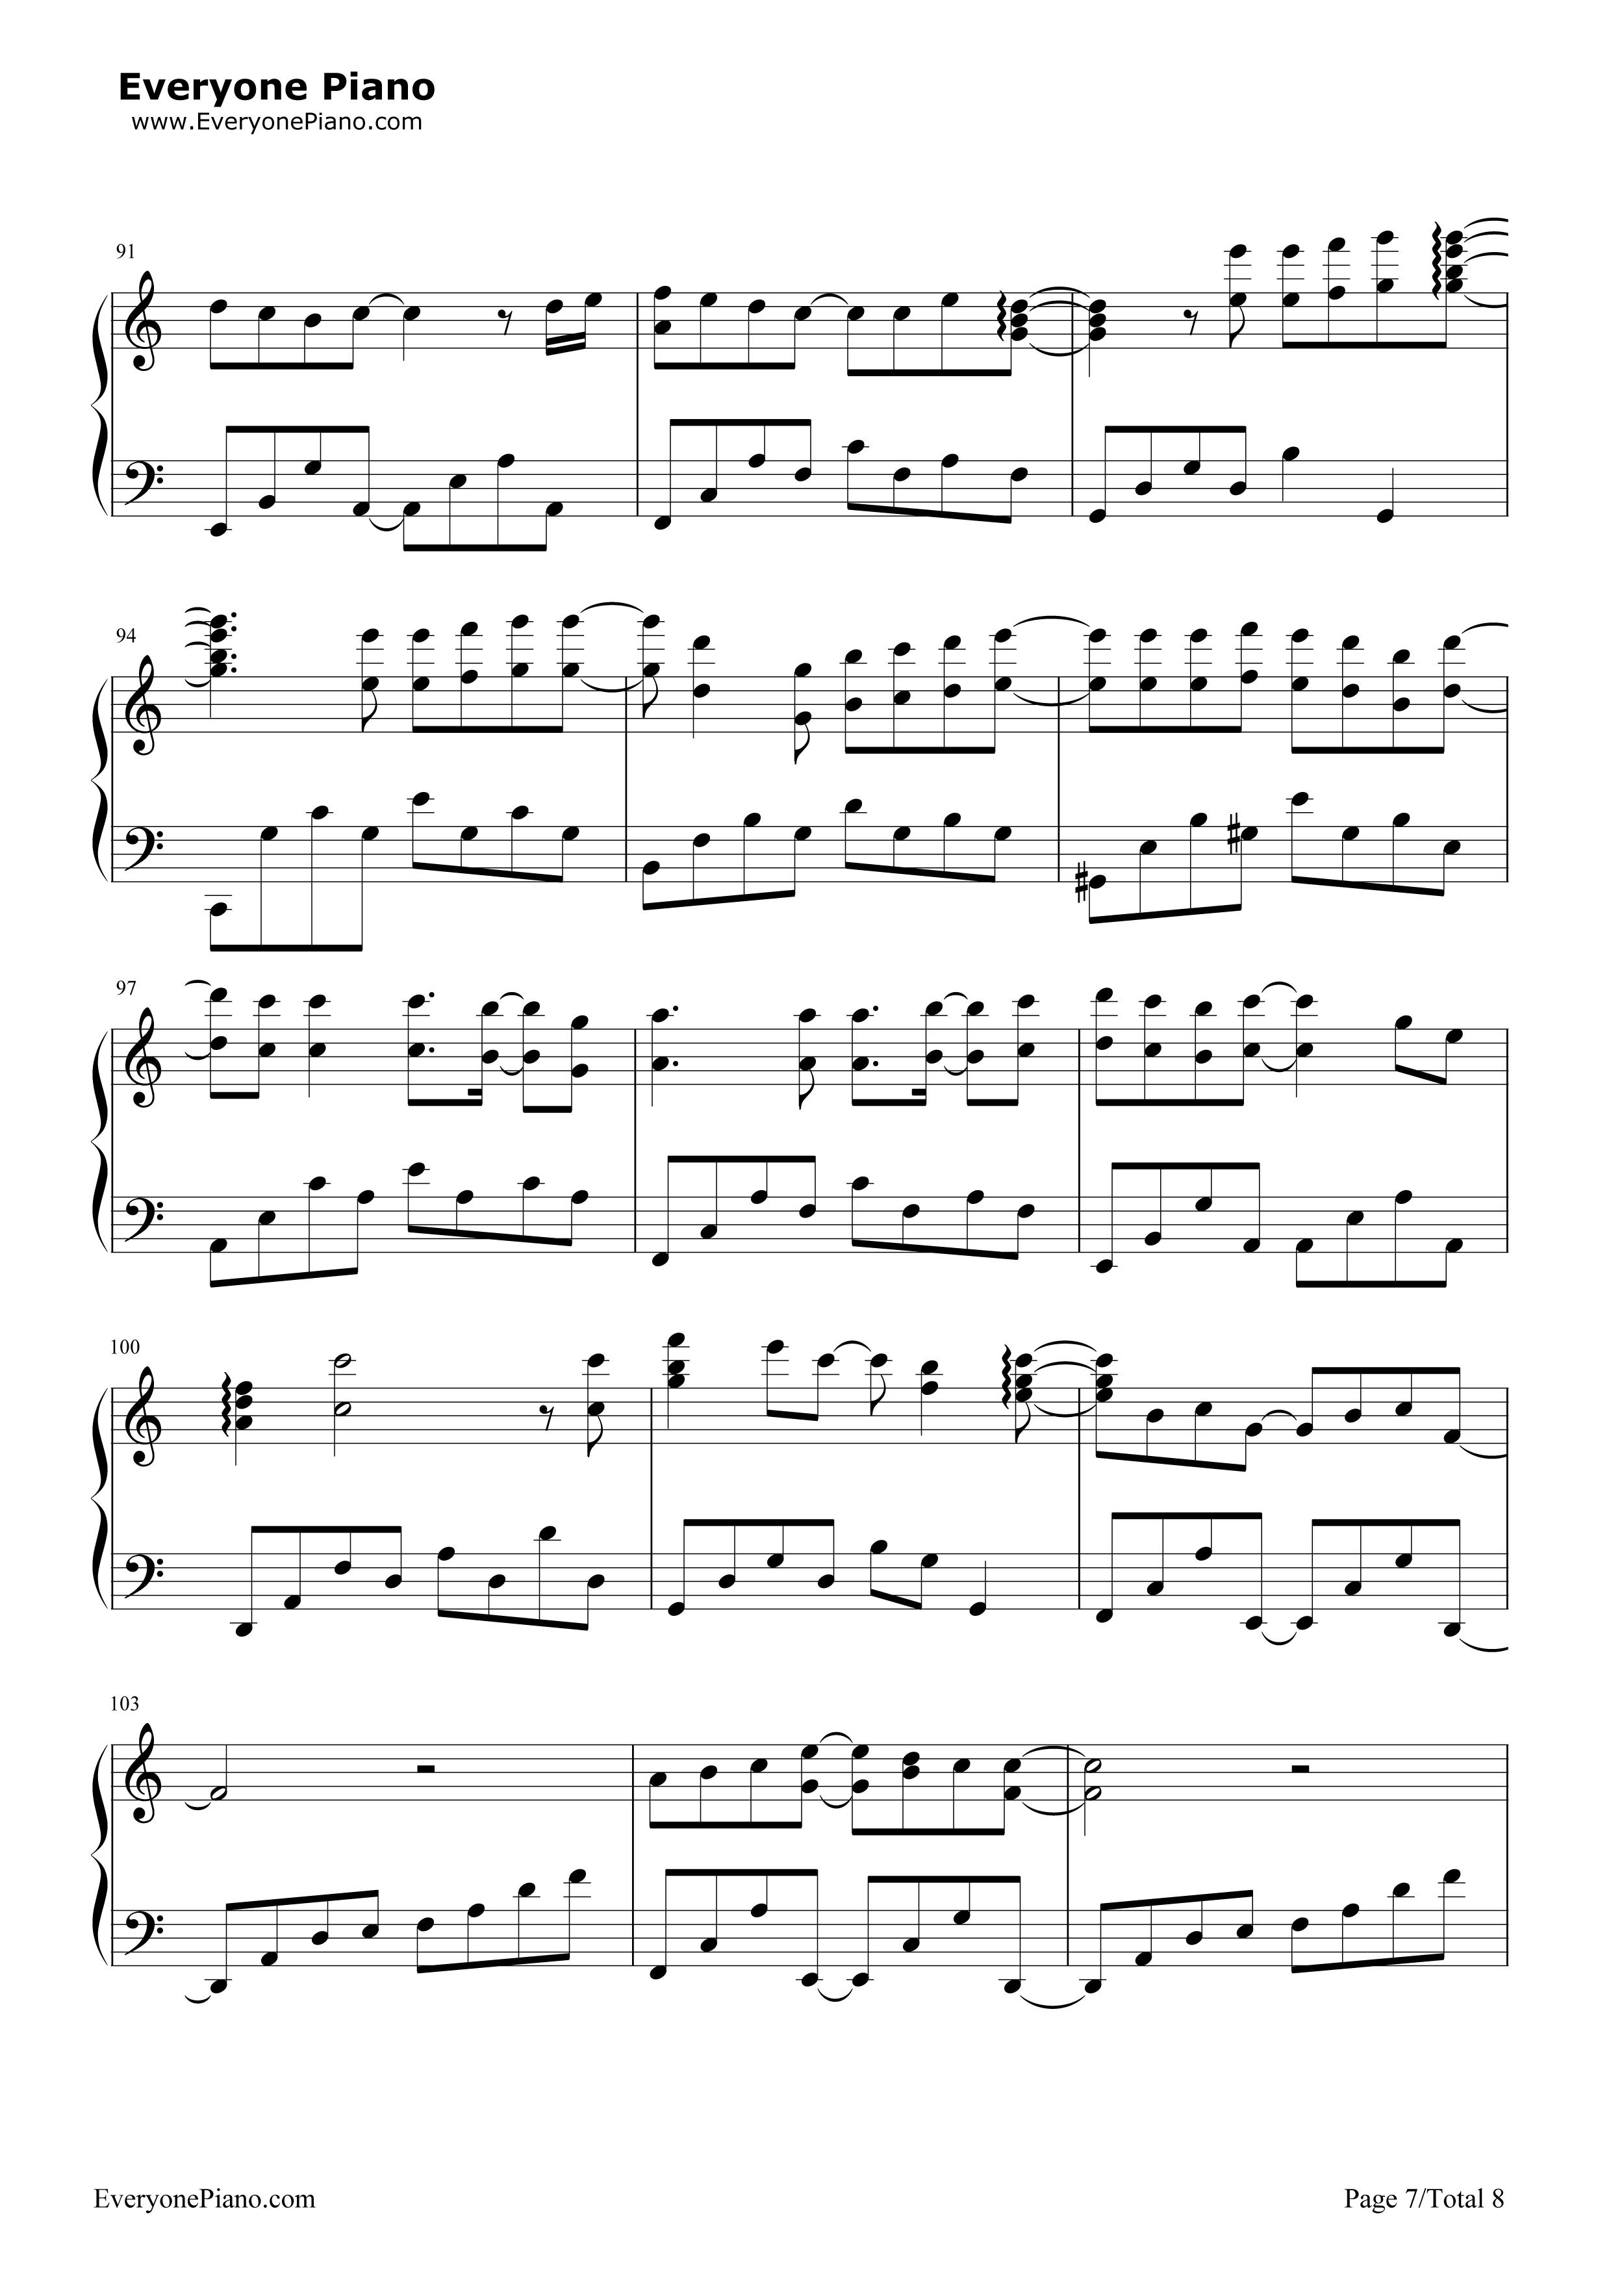 钢琴曲谱 流行 萤火-tfboys最新歌曲 萤火-tfboys最新歌曲五线谱预览7